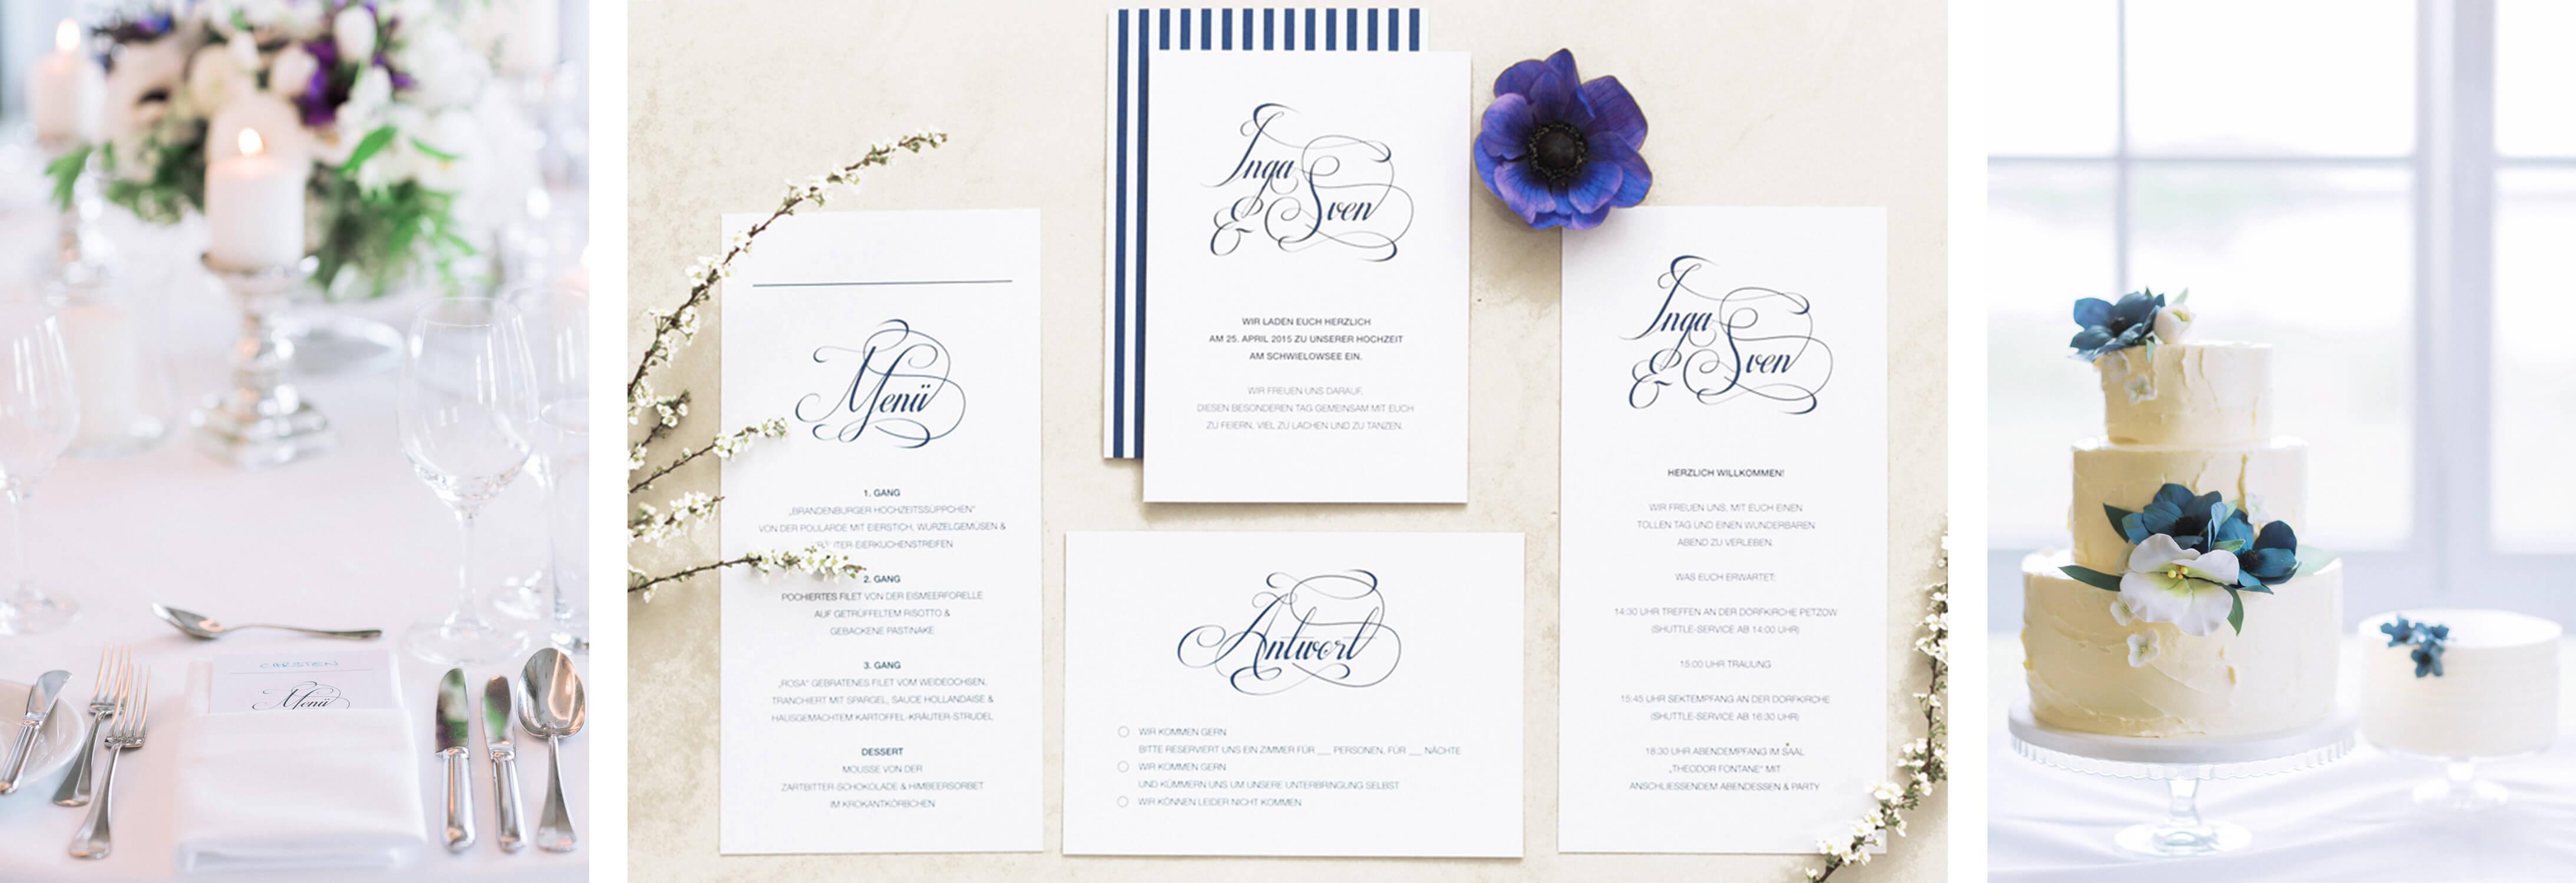 individuelles Hochzeitsdesign